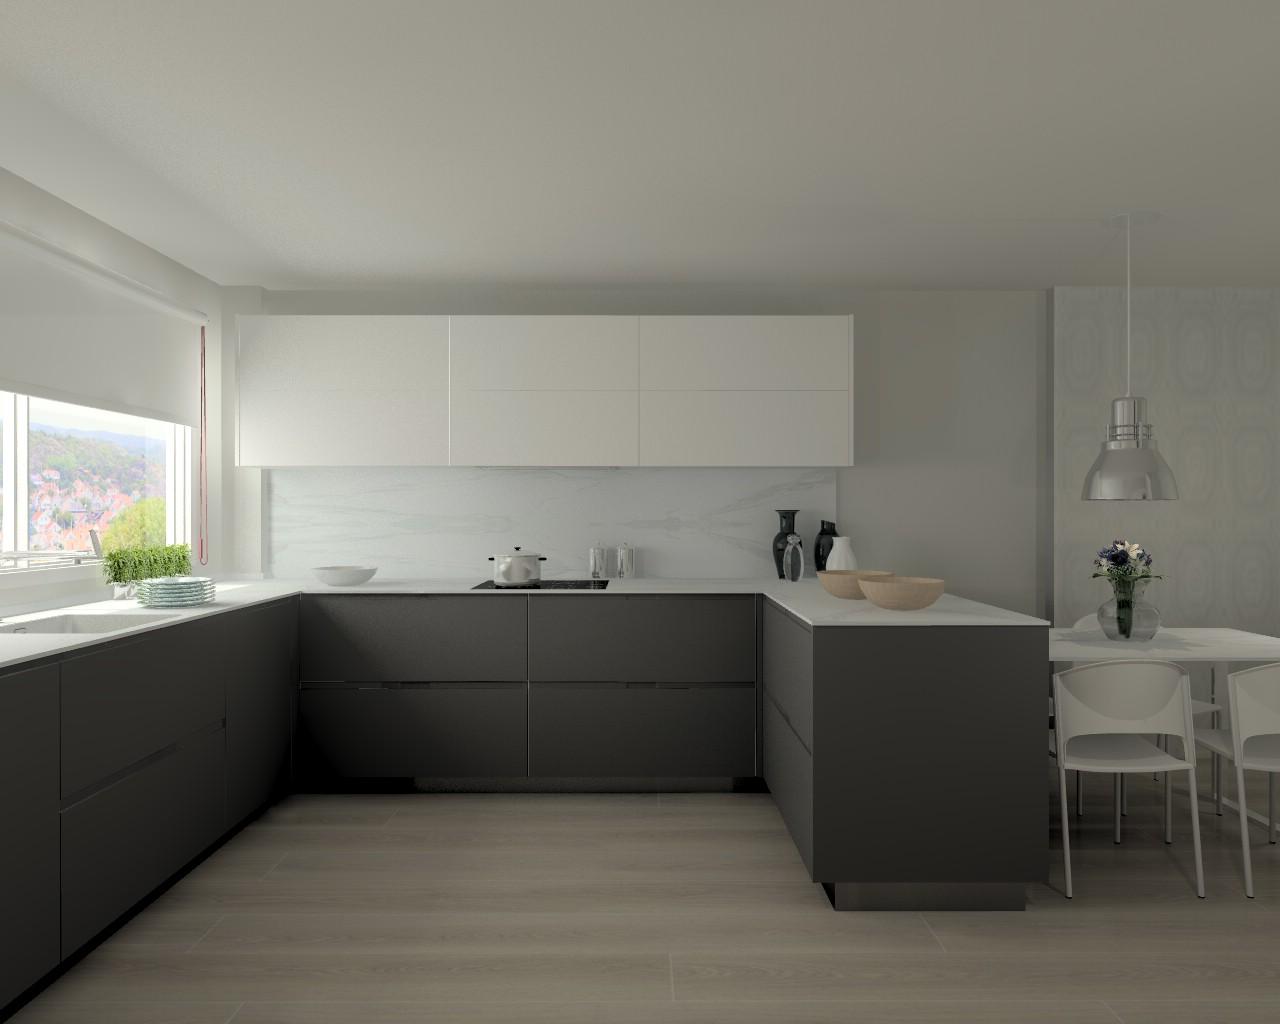 Proyectos de cocinas docrys cocinas for Cocina de madera antracita